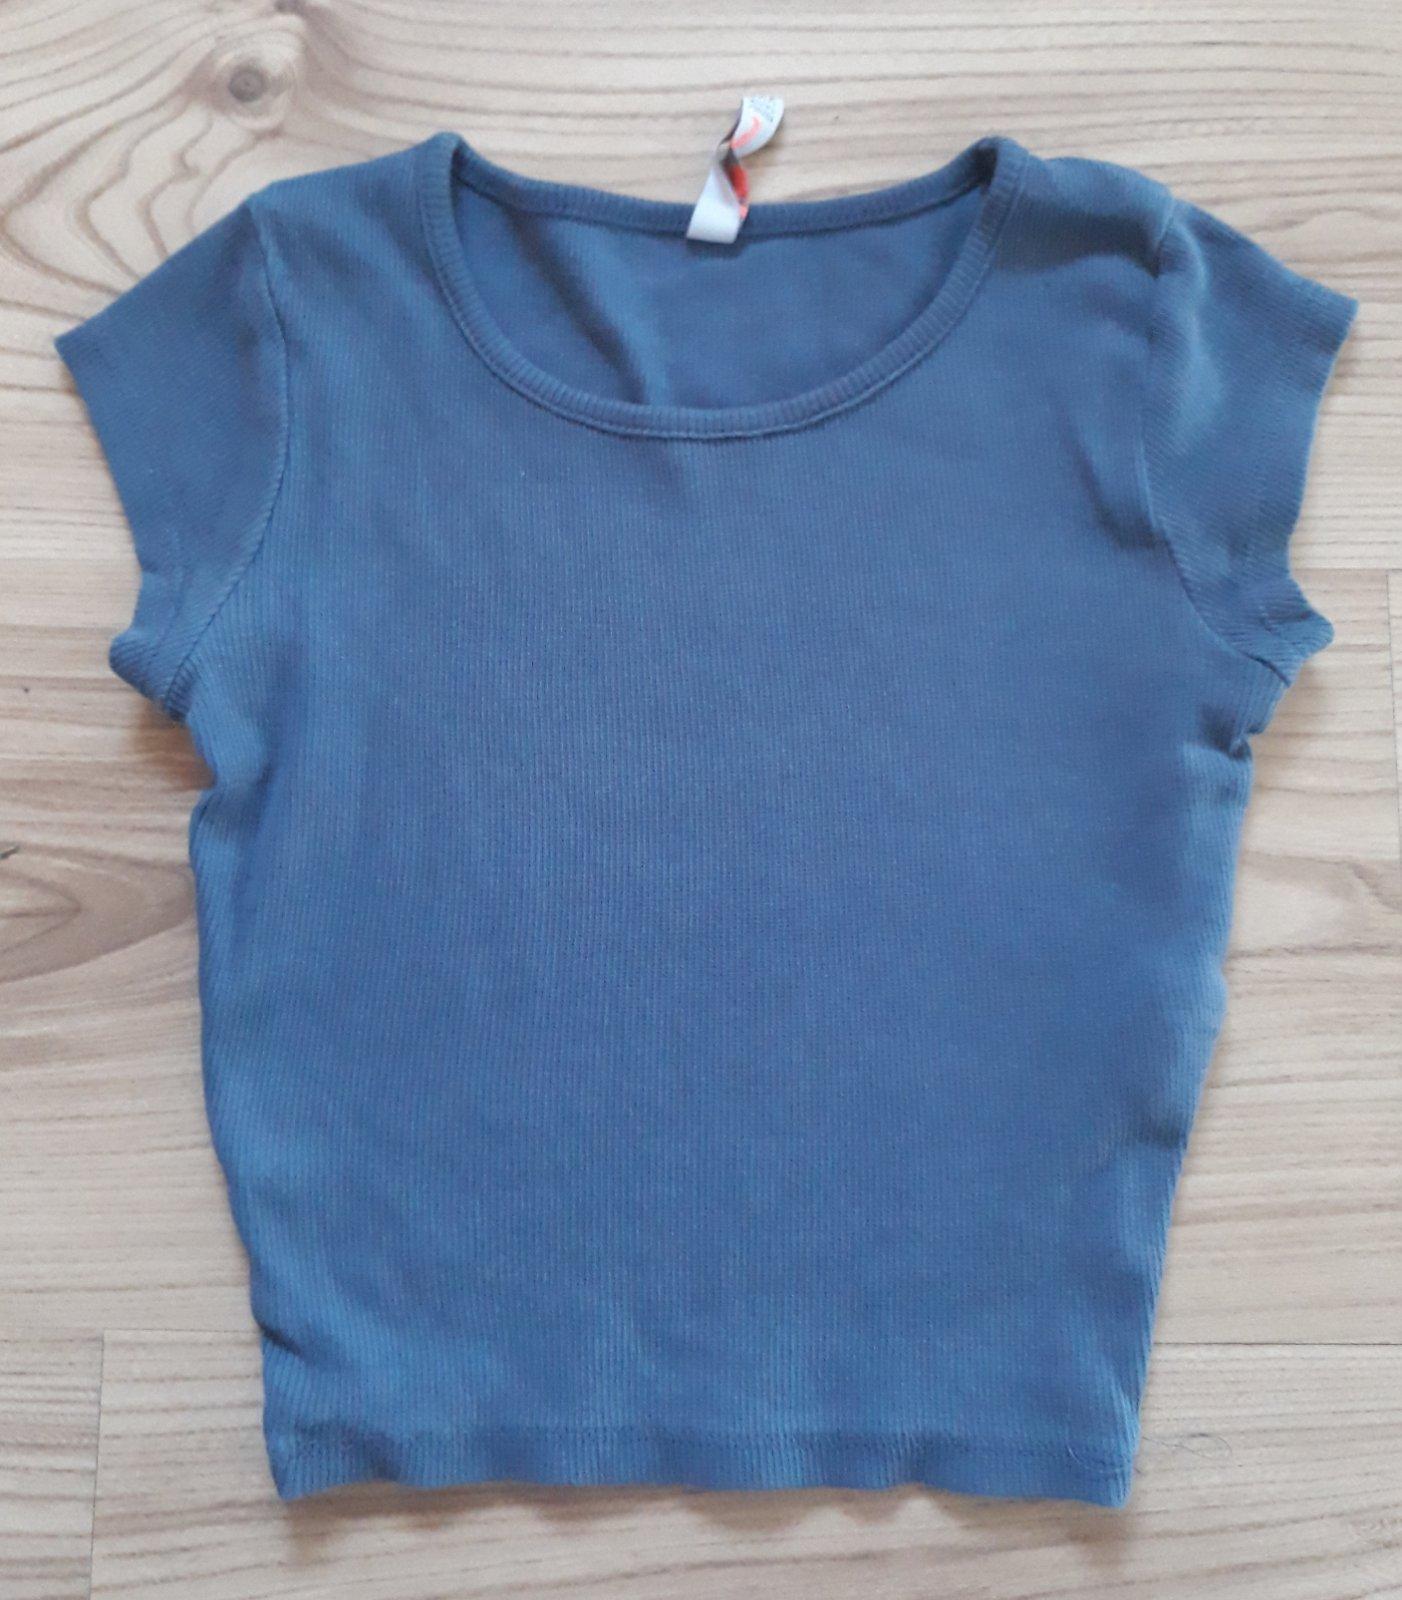 b8e8c70103359 Dievčenské tričko/top new yorker č.xxs, 176 - 2,90 € od predávajúcej  mimililla | Detský bazár | ModryKonik.sk